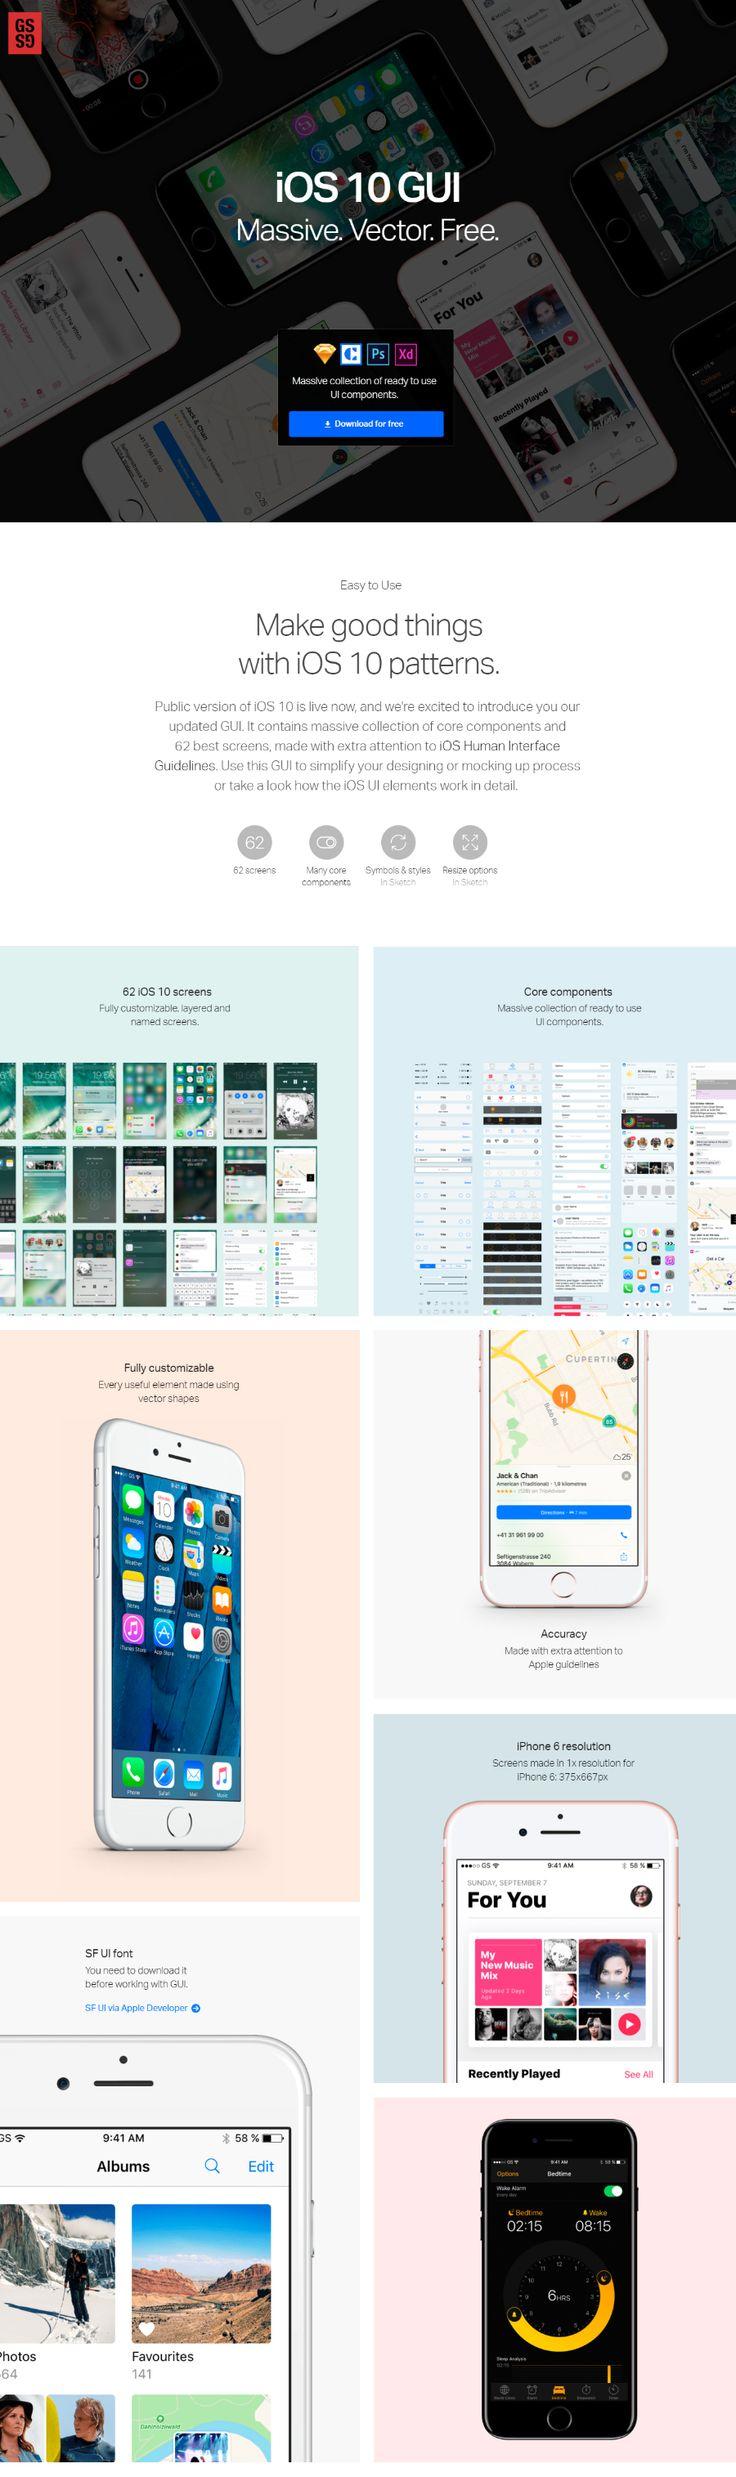 iOS 10 Massive Free UI Kit